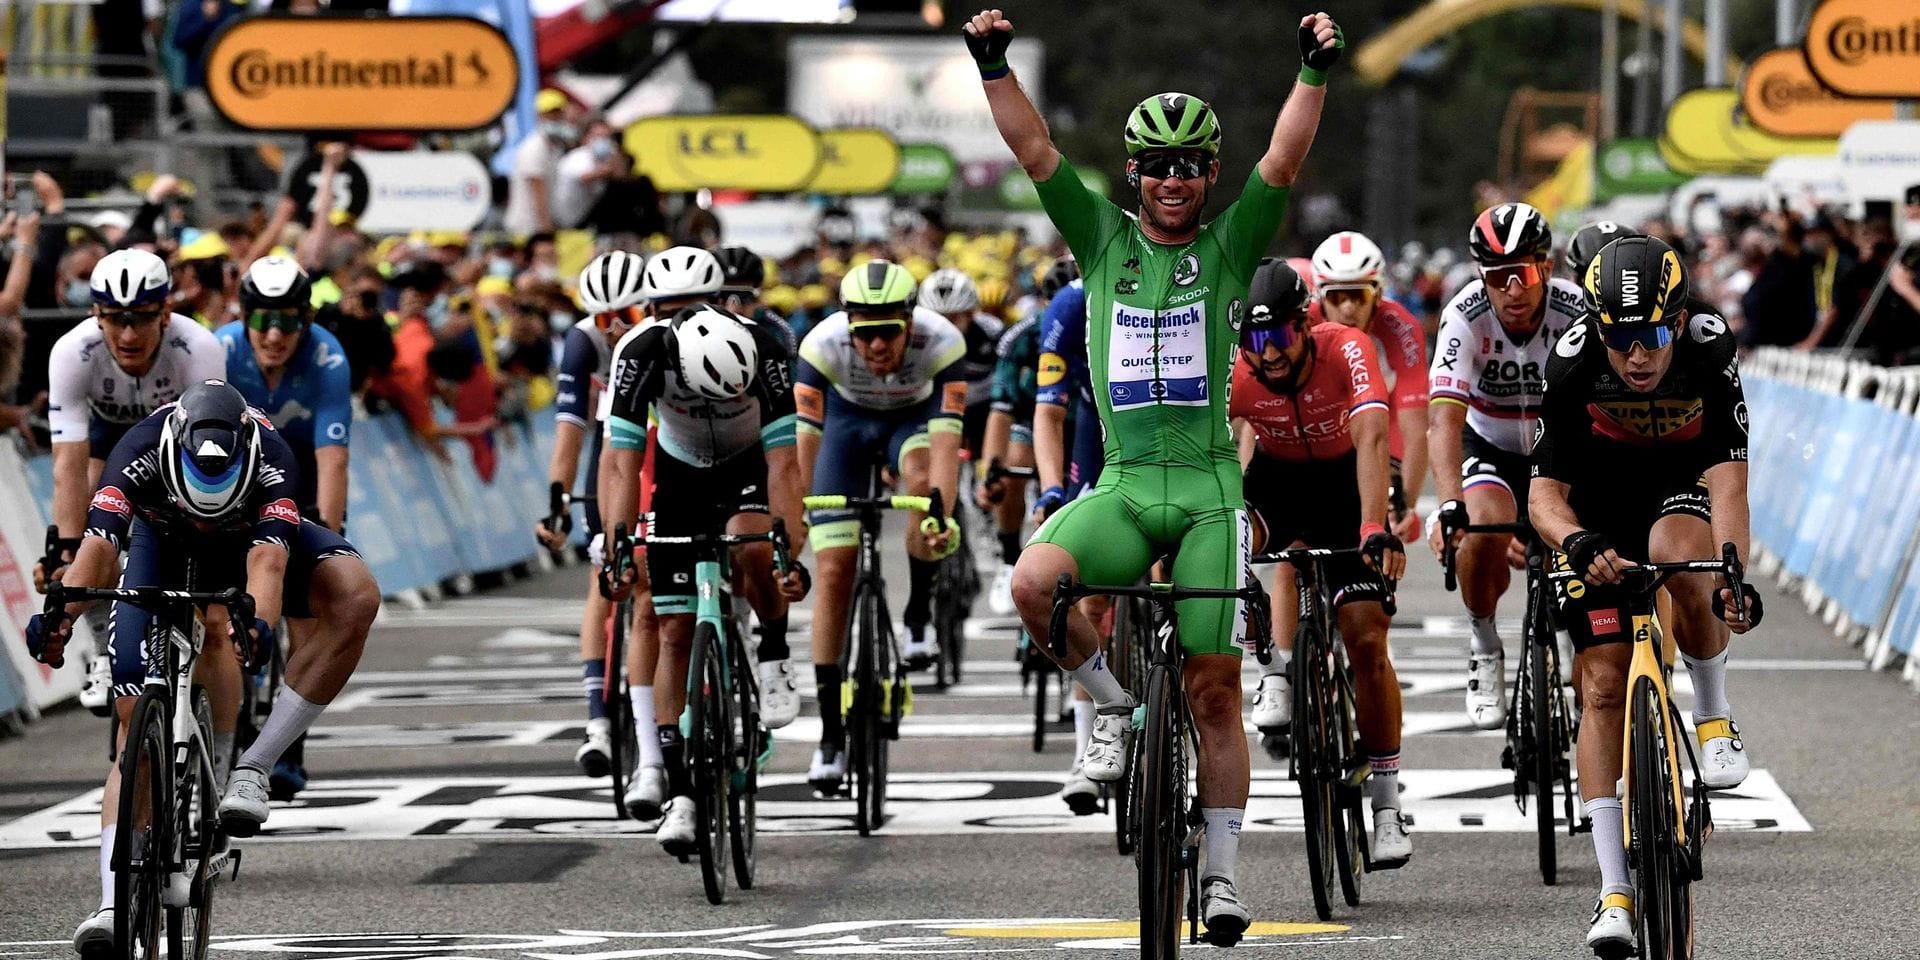 Tour de France: Cavendish bat Van Aert et Philipsen au sprint dans la 10e étape